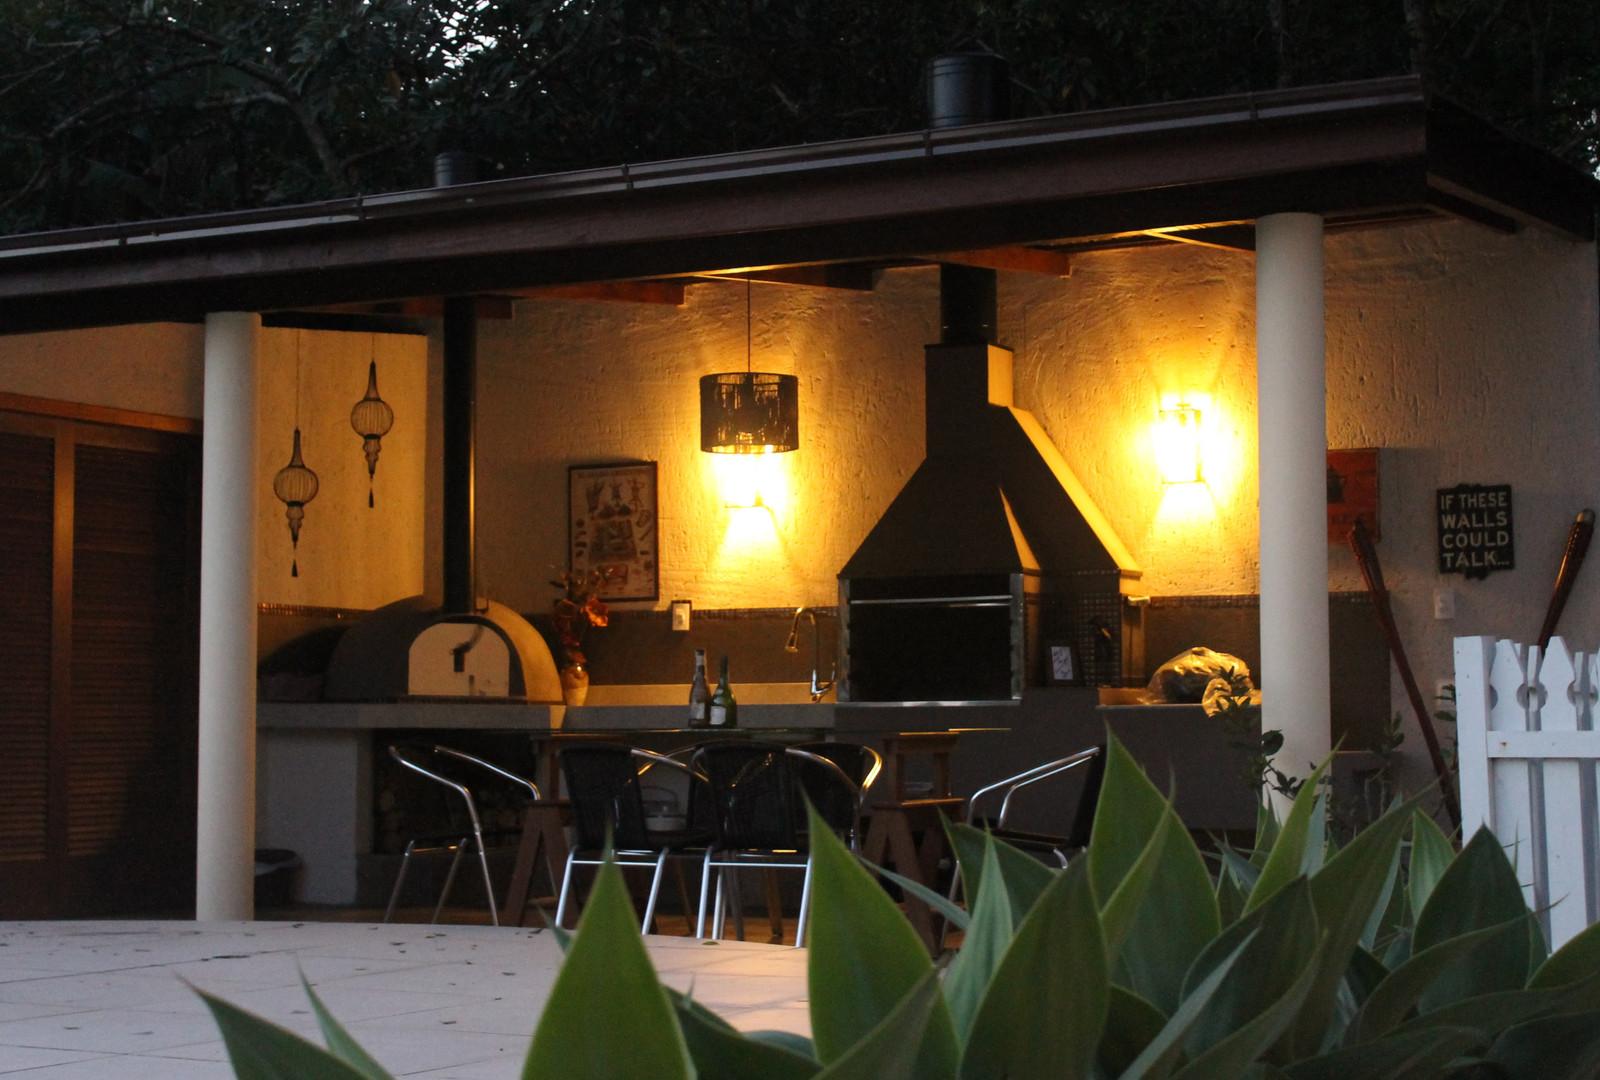 Anny_Maciel_Interiores_Área_Gourmet_Forno_e_Fogão